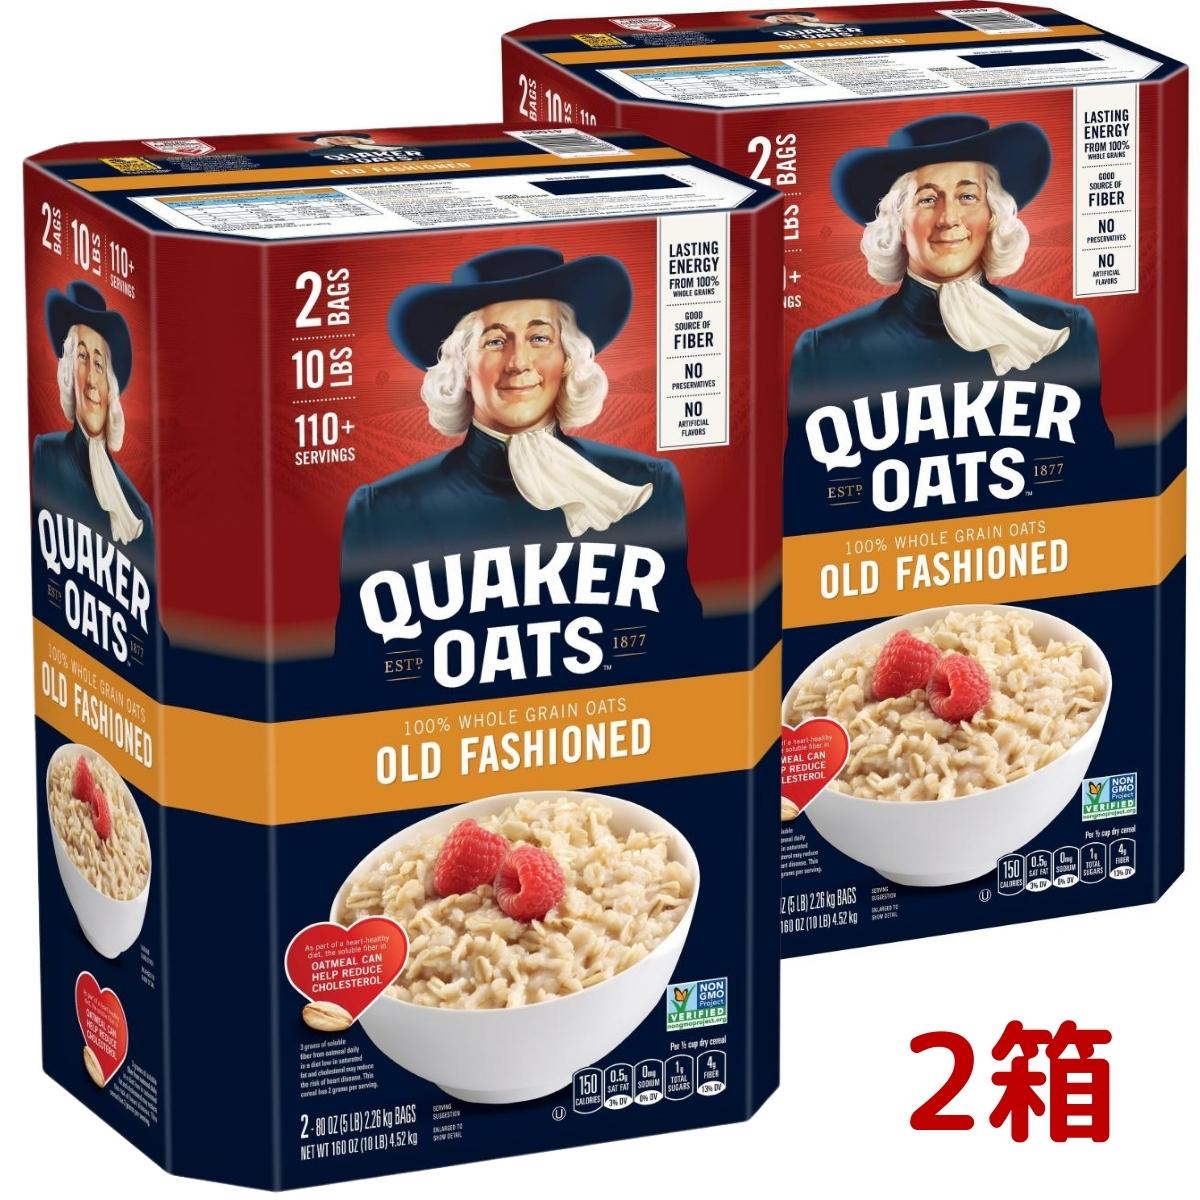 クエーカーのオートミールは朝食に最適 新鮮な果物やドライフルーツ ナッツとも相性抜群 100%オーツ麦使用です 2箱セット クエーカー オールドファッション オートミール 2.26kg x 2袋 商店 4.52kg×2 Oats 大容量 グラノーラ Old Fashioned COSTCO えん麦 シリアル 半額 oatmeal QUAKER コストコ